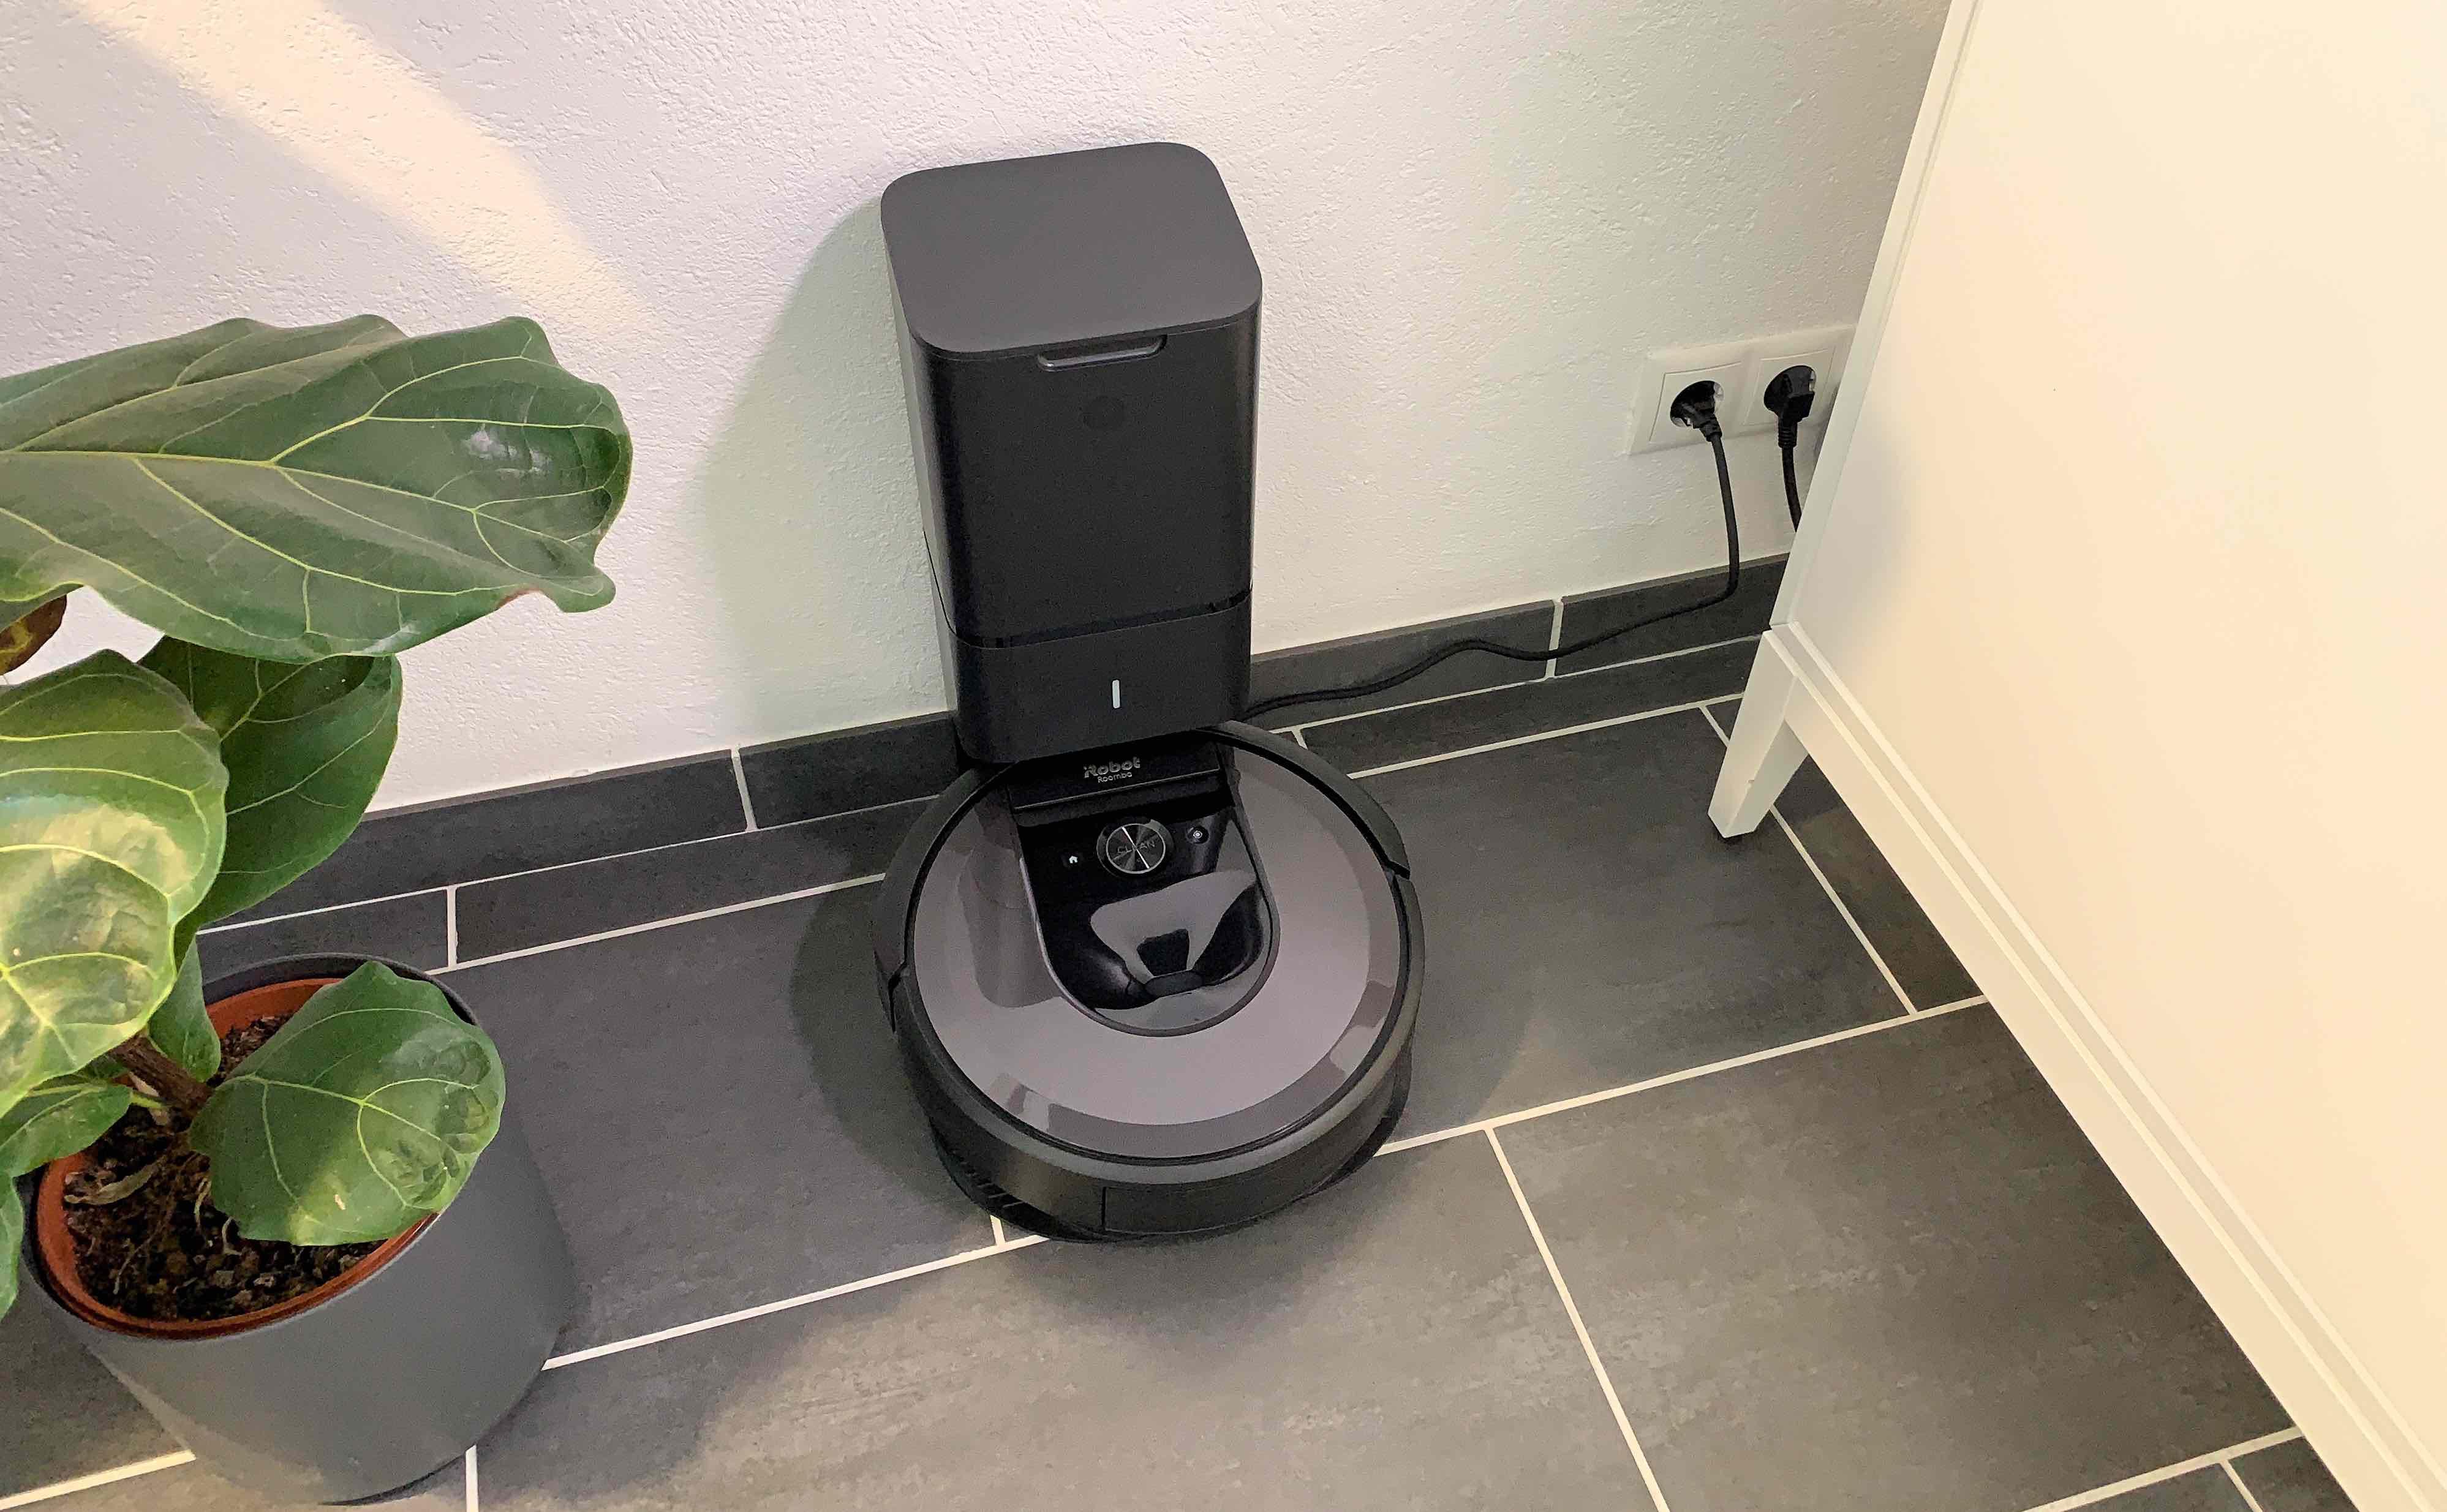 iRobot_Roomba_i7_Saugroboter_Review5 iRobot Roomba i7+ - reinigt die Wohnung und entleert sich von alleine